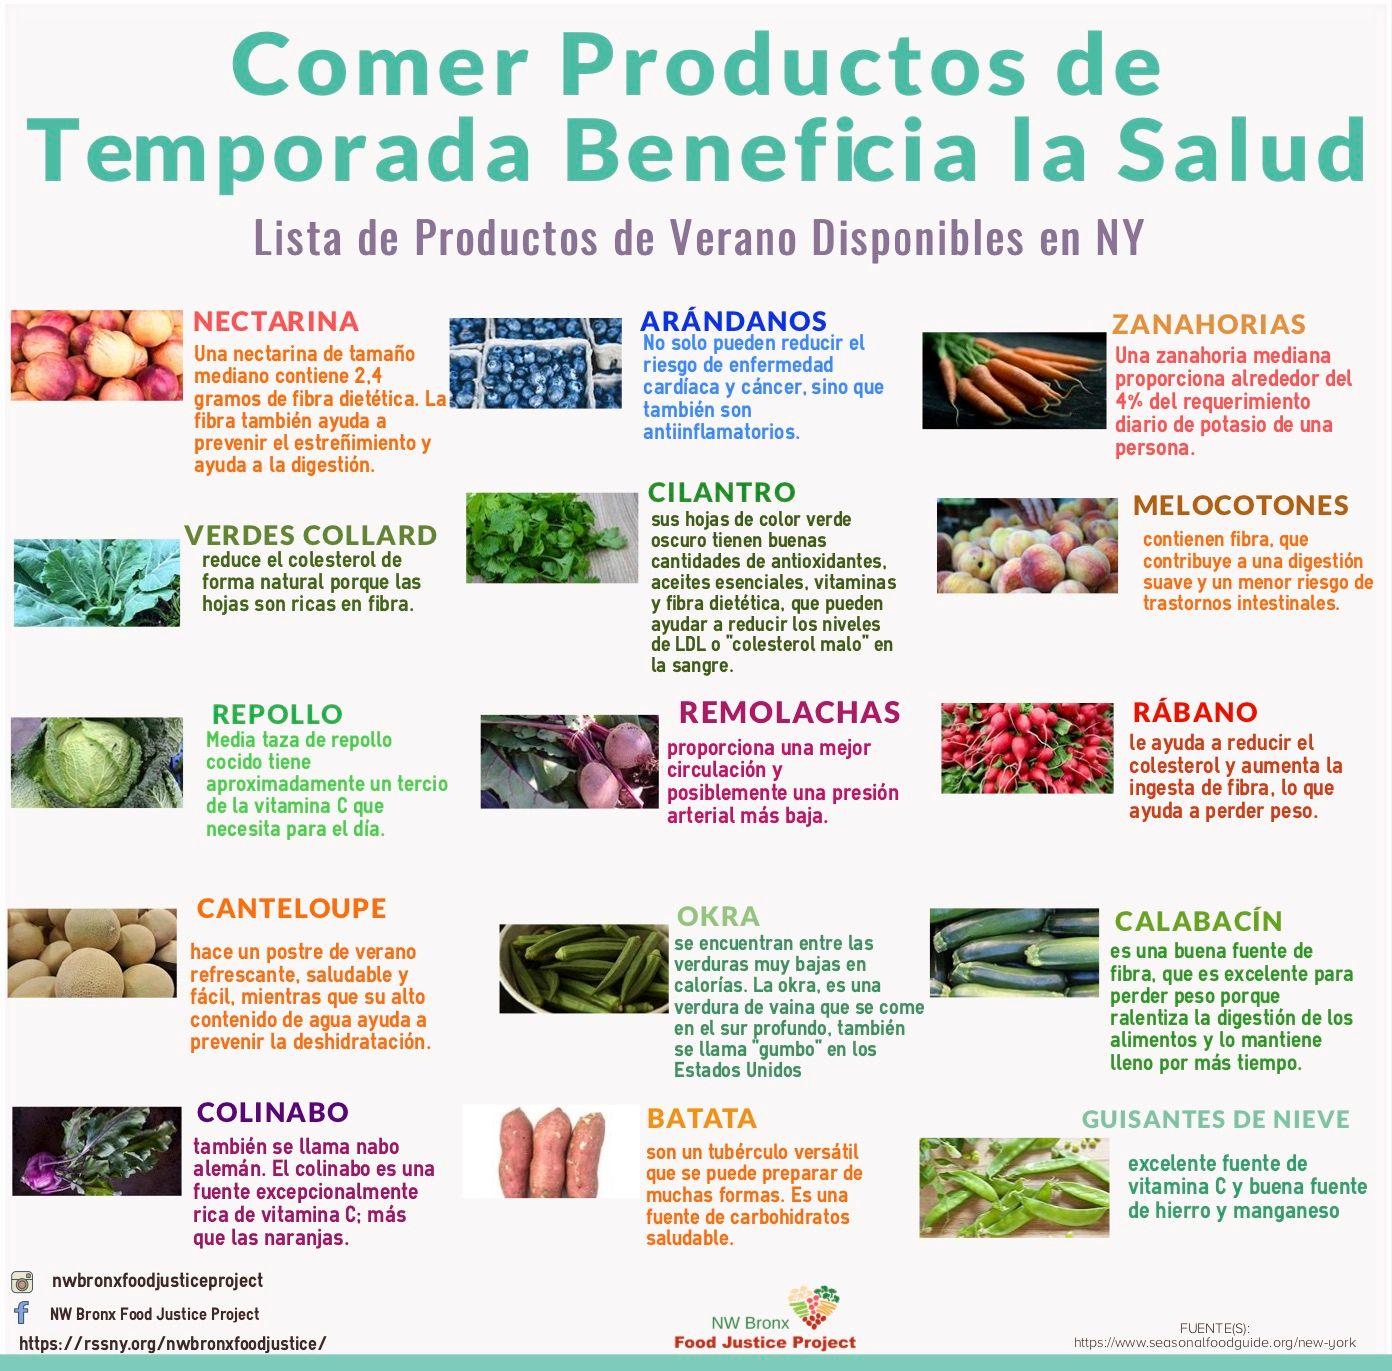 Comer Productos de Temporada Beneficia la Salud